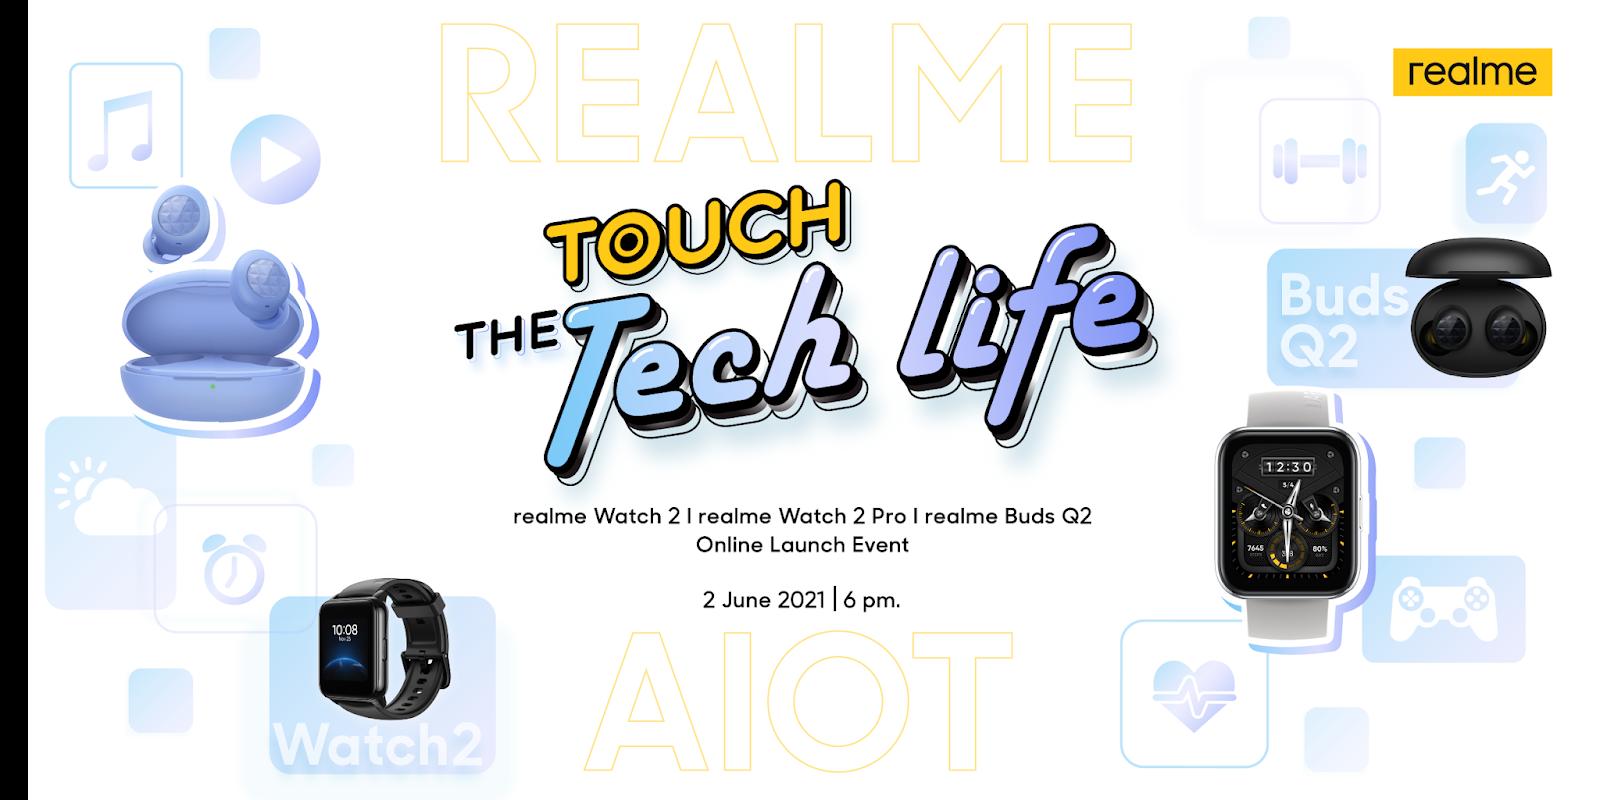 realme ชวนพบกับประสบการณ์สุดล้ำใน Touch the Tech Life งานเปิดตัวผลิตภัณฑ์ AIoT ใหม่ล่าสุด ที่จะนำไปสู่มิติใหม่กับเทคโนโลยีอันล้ำสมัย พร้อมดีไซน์อันเหนือจินตนาการ